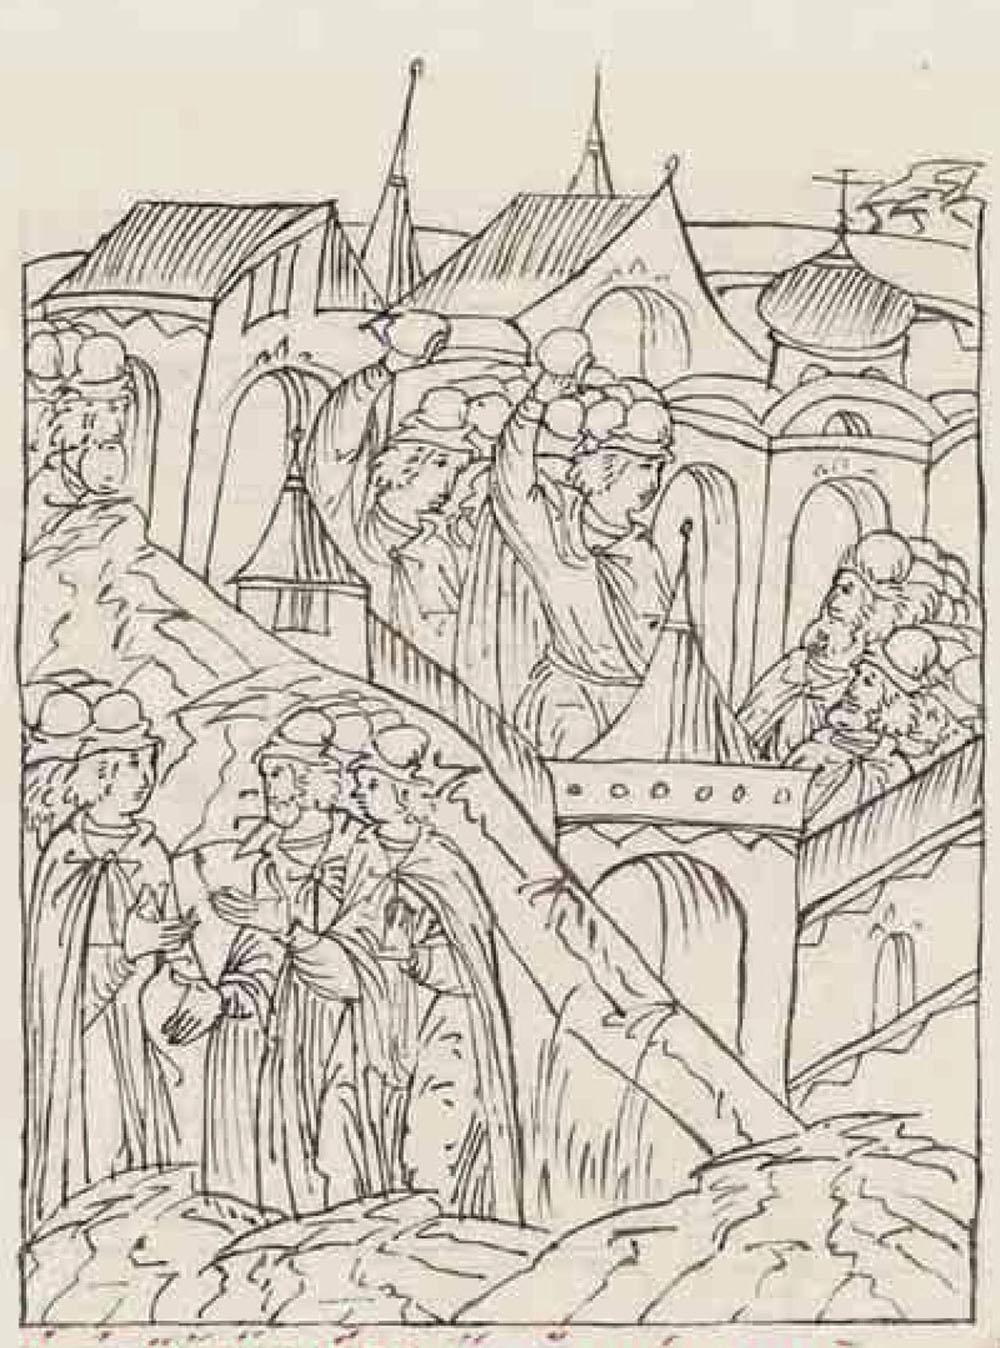 «Восстание в Москве в 1547 году». Миниатюра из Лицевого летописного свода. 16 век. На заднем фоне миниатюры видны пожары домов в городе.